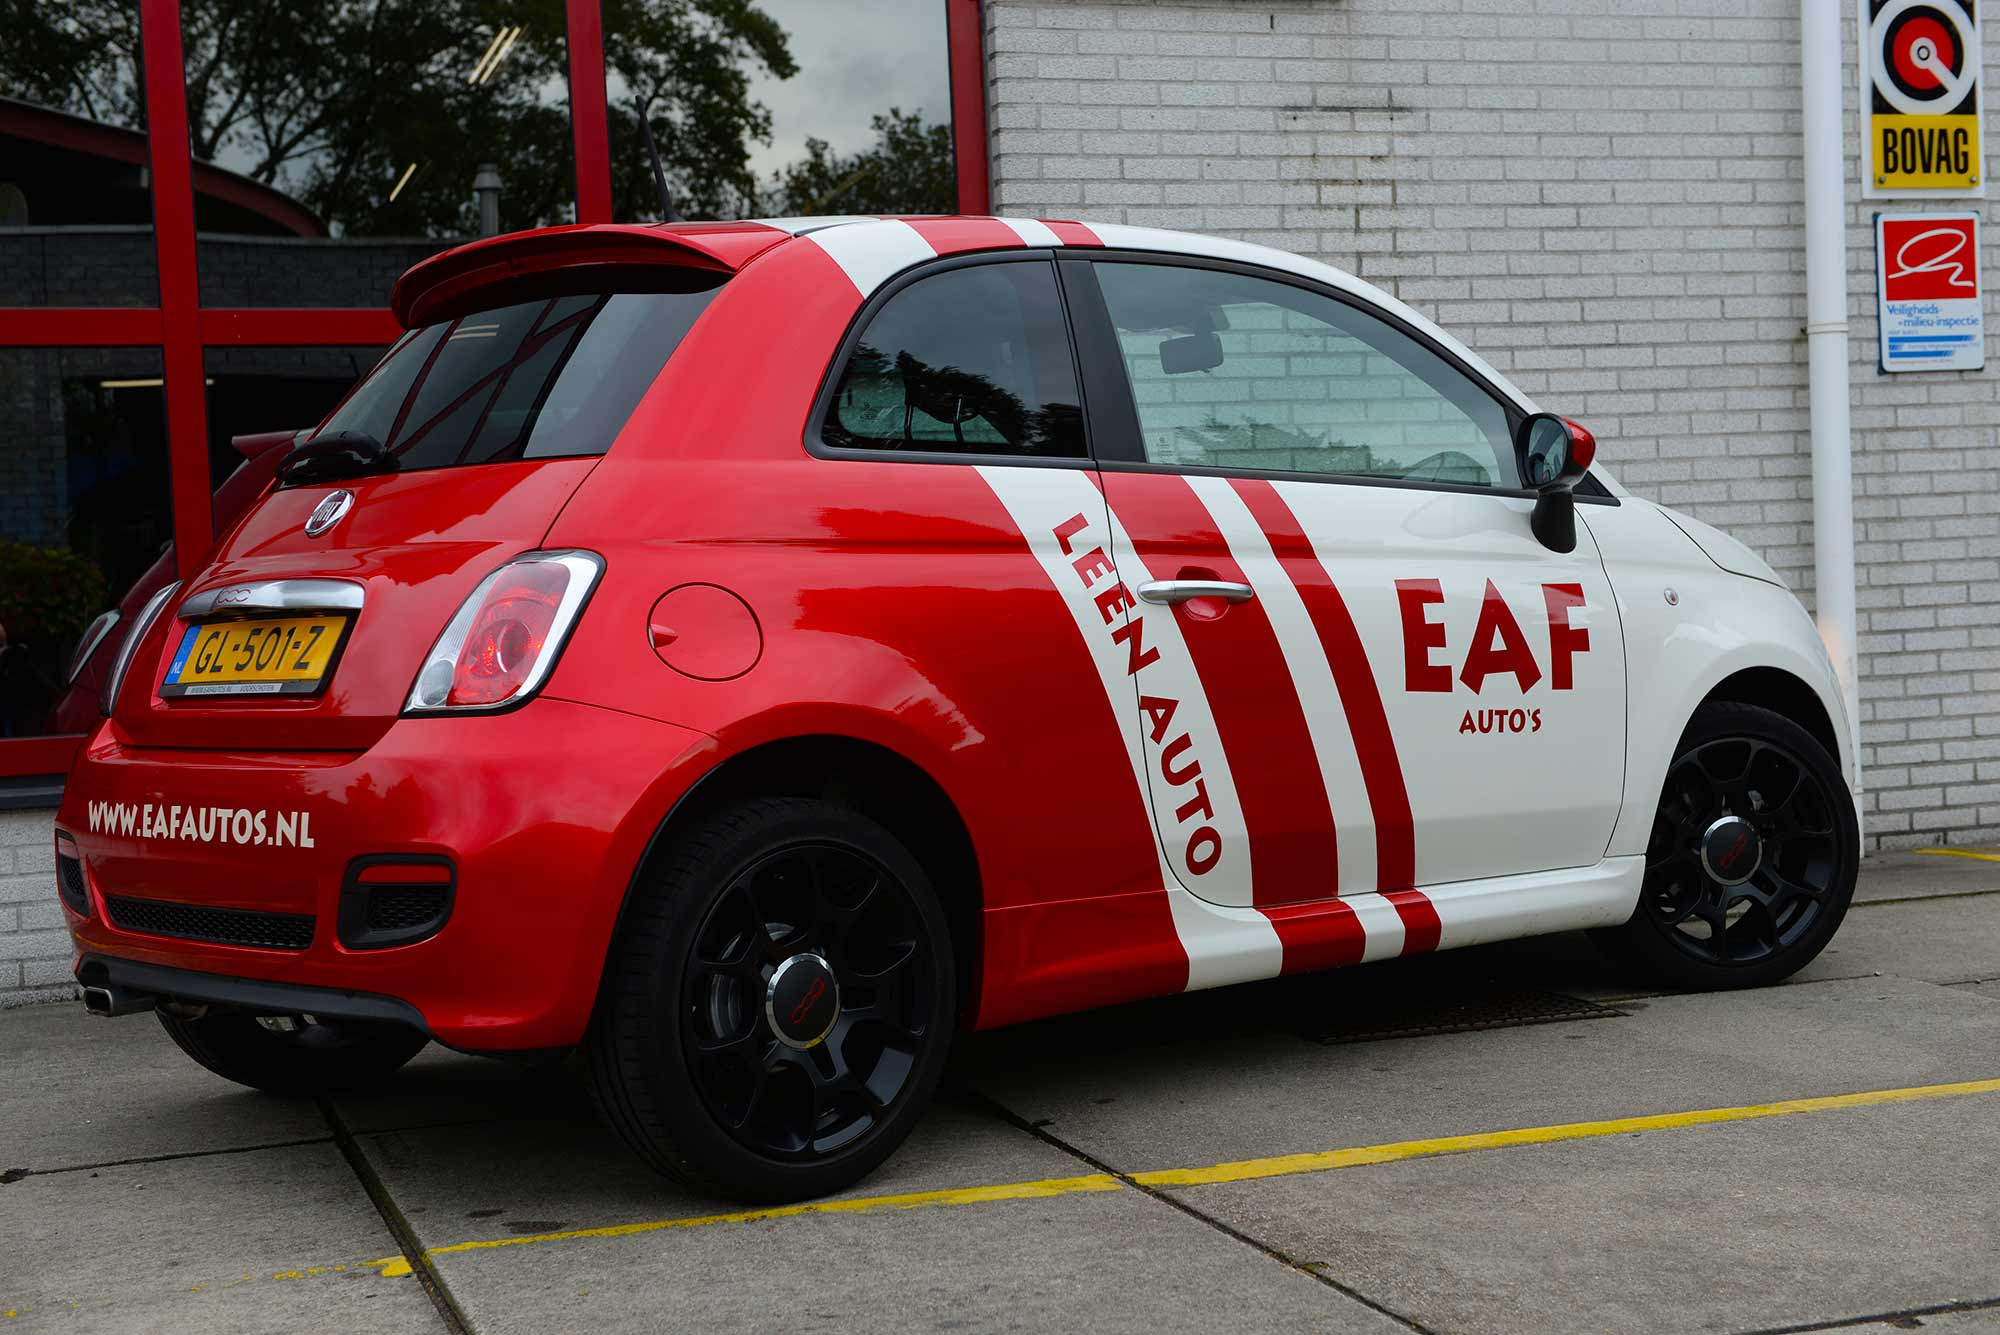 EAF Auto's leen auto